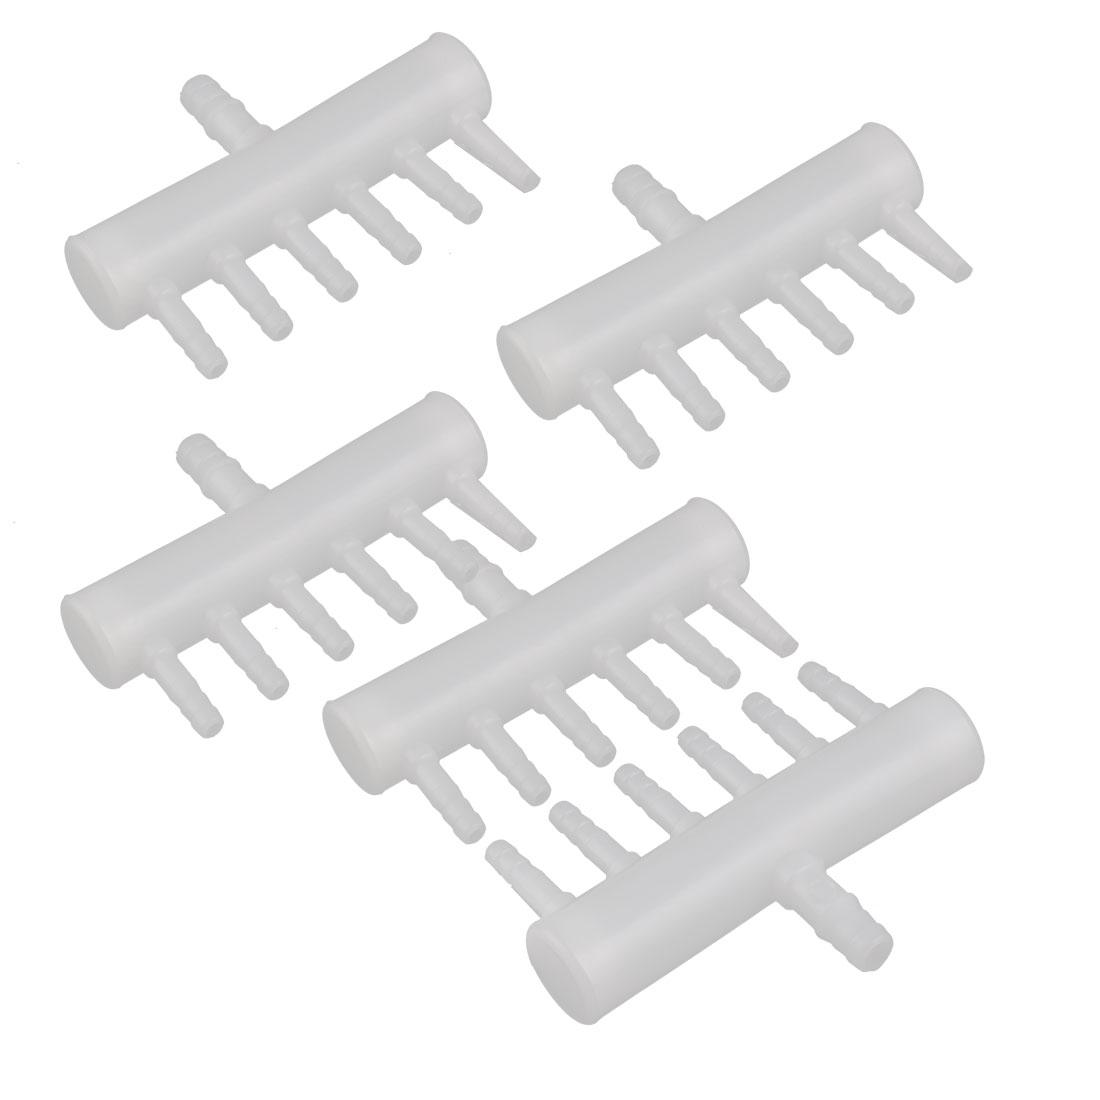 Aquarium Plastic Single Row Design 6-way Air Flow Controller Lever Valve White 5pcs